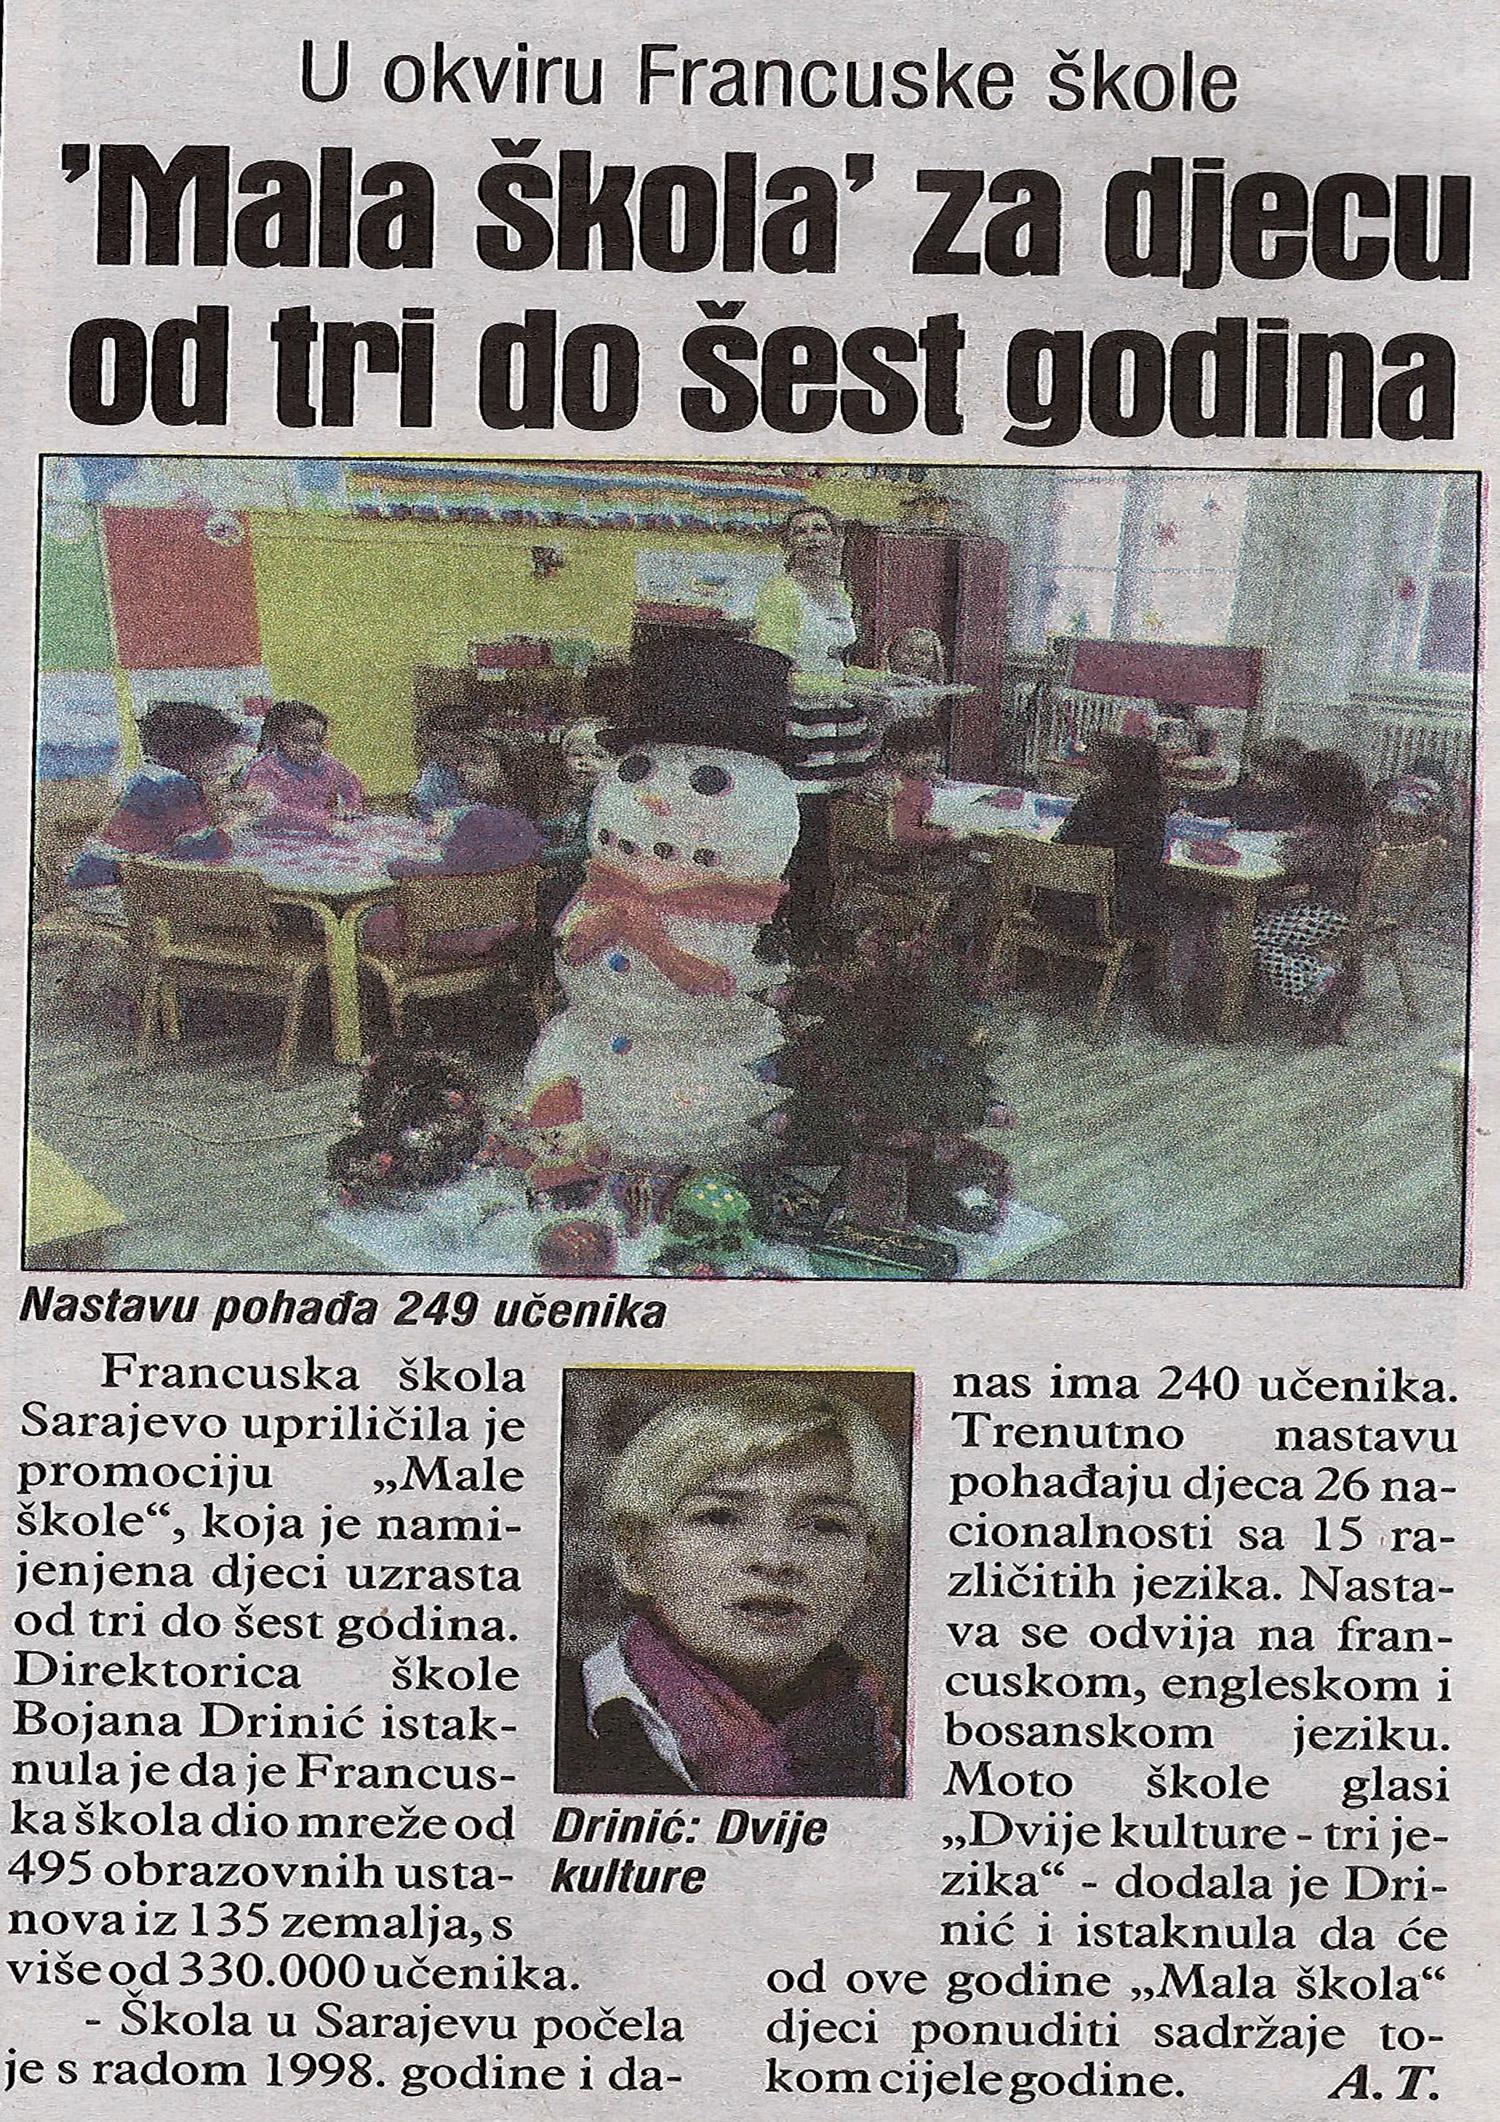 Francuska-Mala-skola-za-djecu-od-3-6-godina